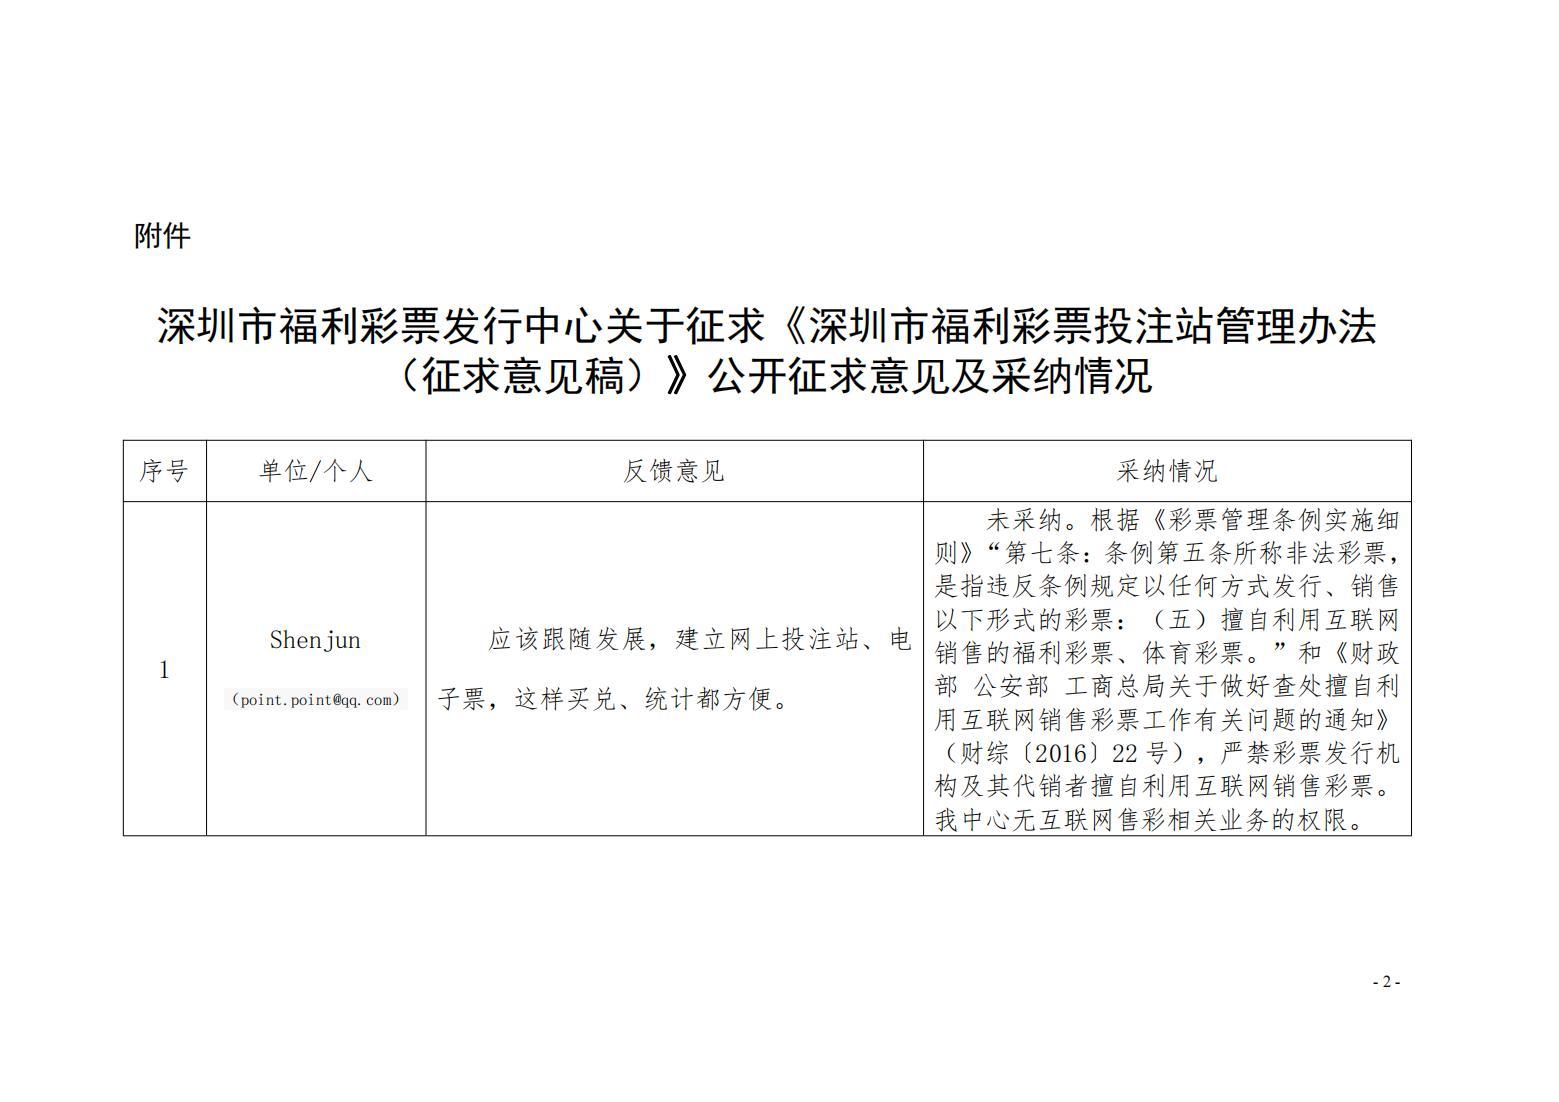 关于《深圳市福利彩票投注站管理办法(征求意见稿)》公开征求意见采纳情况的公告(最终)_01.jpg